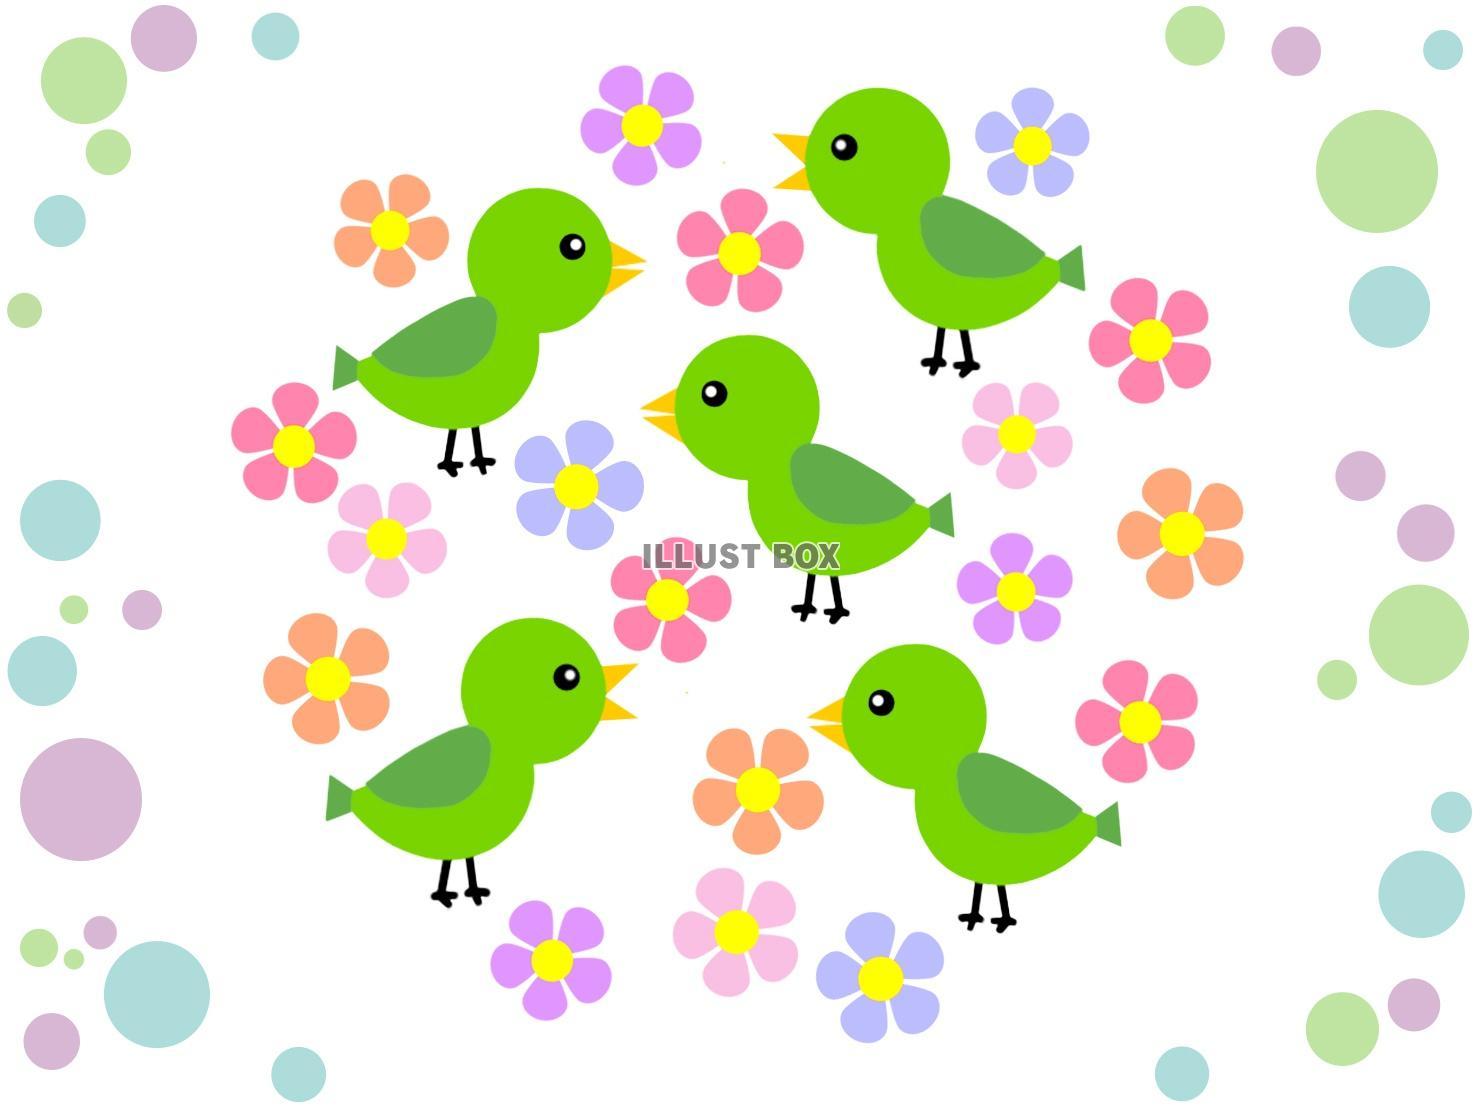 無料イラスト 小鳥と花模様の背景イラスト可愛い壁紙素材